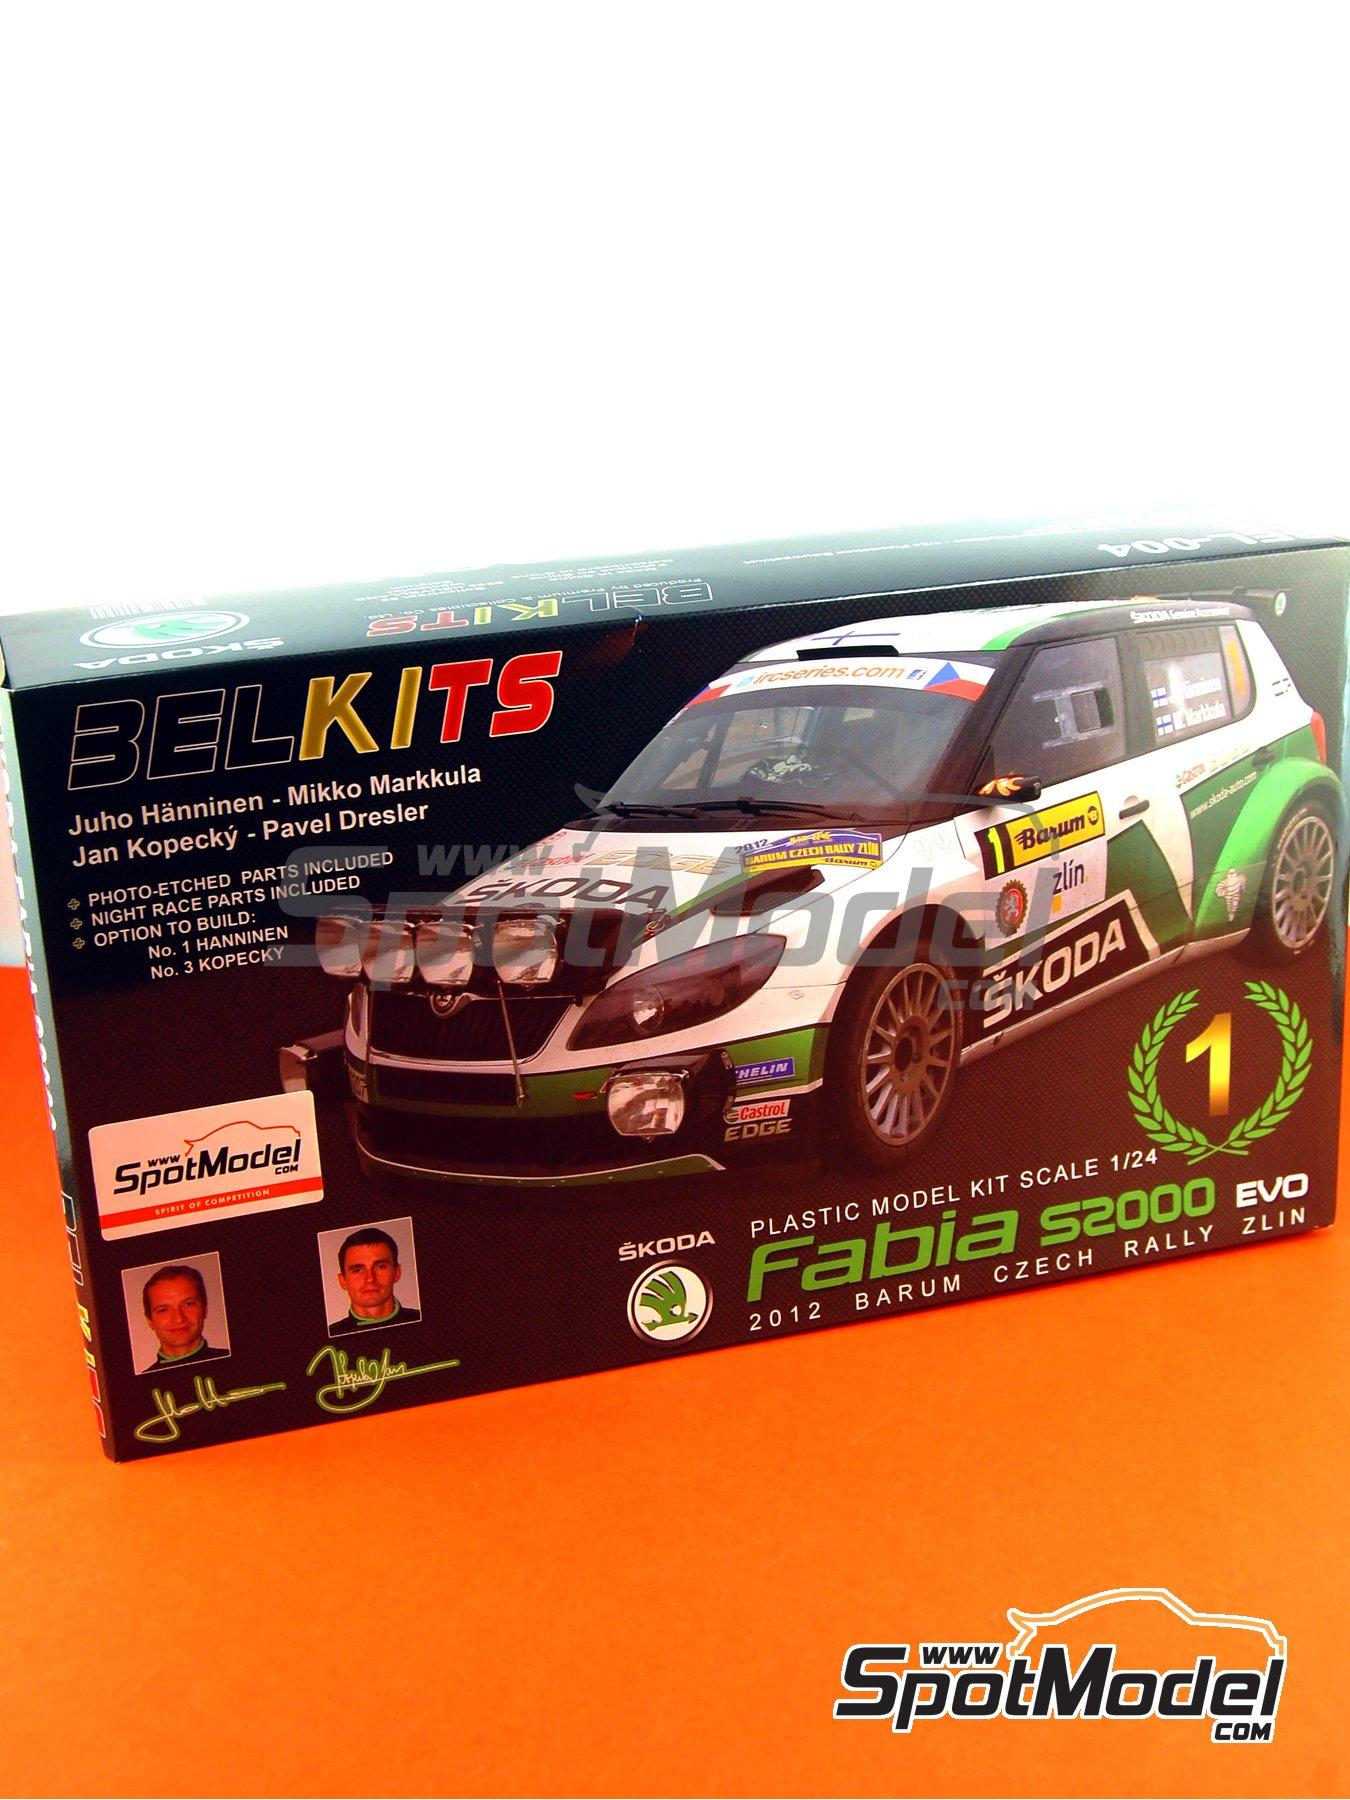 Skoda Fabia S2000 Evo - Barum Czech Rally 2012 | Model car kit in 1/24 scale manufactured by Belkits (ref.BEL-004, also BEL004) image